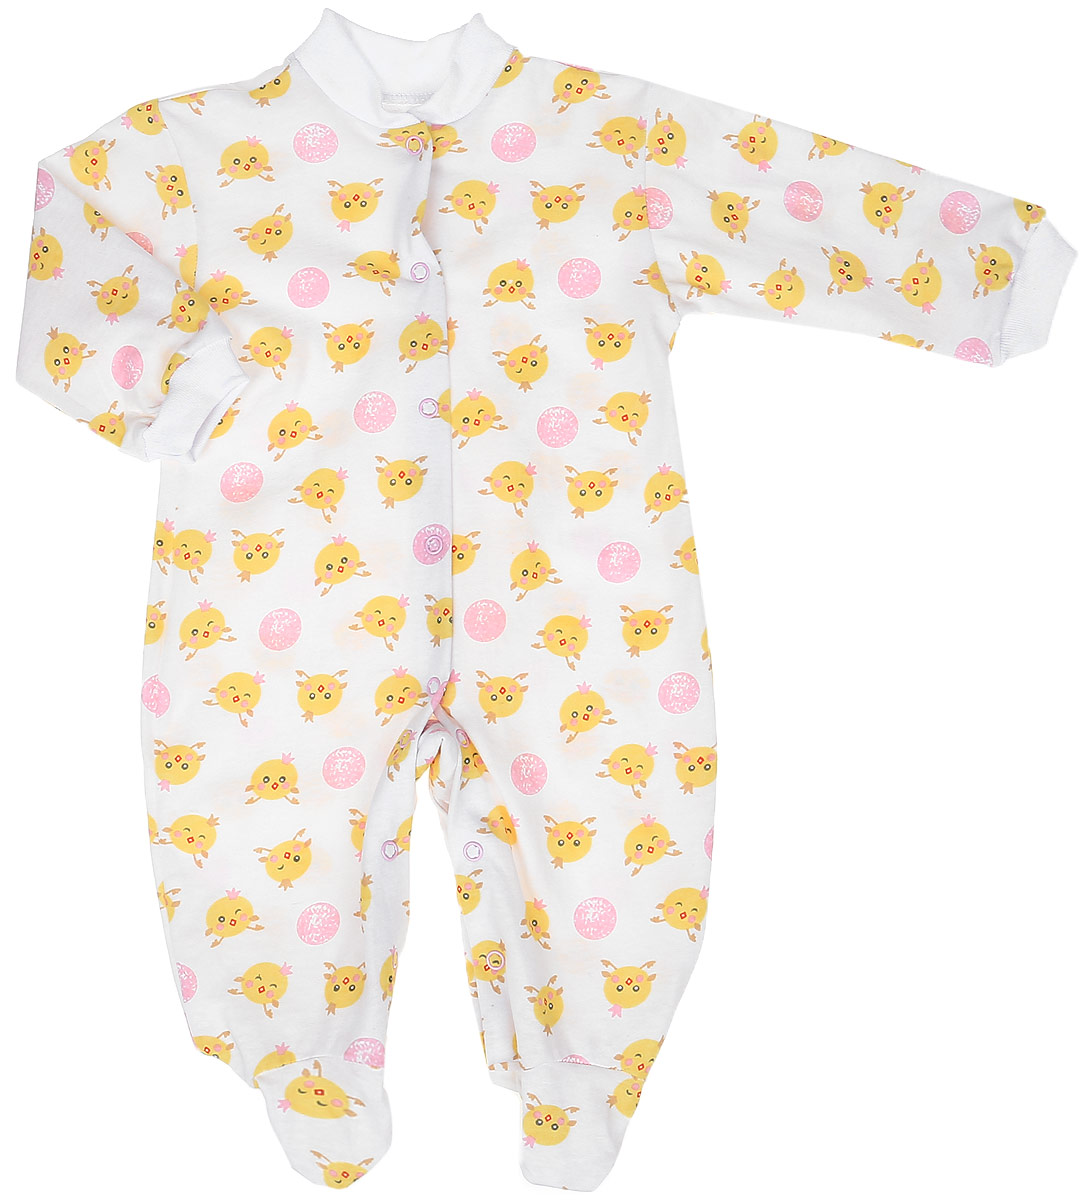 Комбинезон детский Чудесные одежки, цвет: белый, розовый. 5801. Размер 865801Удобный детский комбинезон Чудесные одежки выполнен из натурального хлопка.Комбинезон с небольшим воротником-стойкой, длинными рукавами и закрытыми ножками имеет застежки-кнопки спереди и на ластовице, которые помогают легко переодеть младенца или сменить подгузник. Воротничок и манжеты на рукавах выполнены из трикотажной эластичной резинки. Изделие оформлено принтом с изображением цыплят.